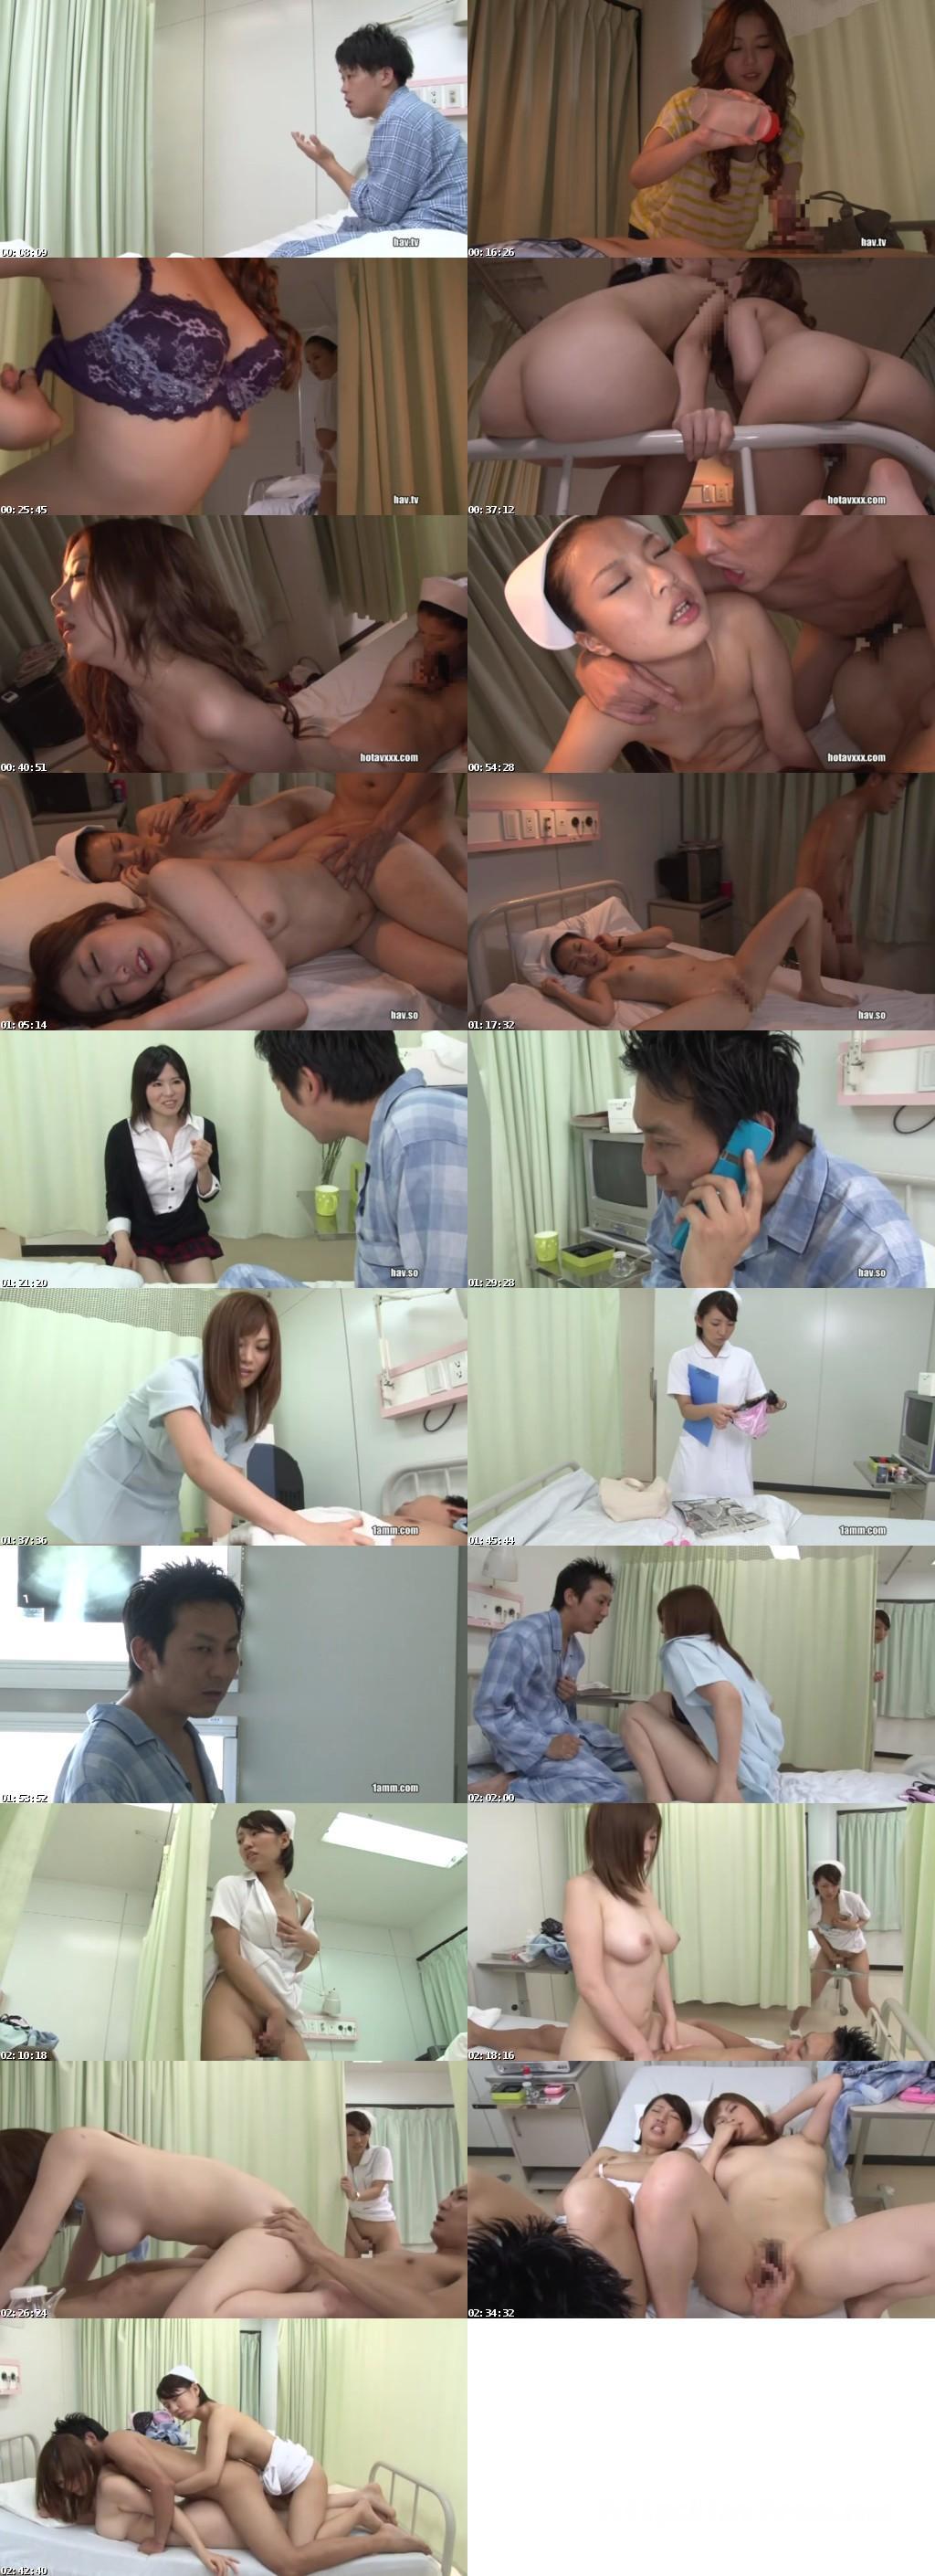 [RCT 527] 病室にデリヘル呼んでホントはこっちとヤリたかった美人看護師に見せつけ一緒に3PSEX RCT